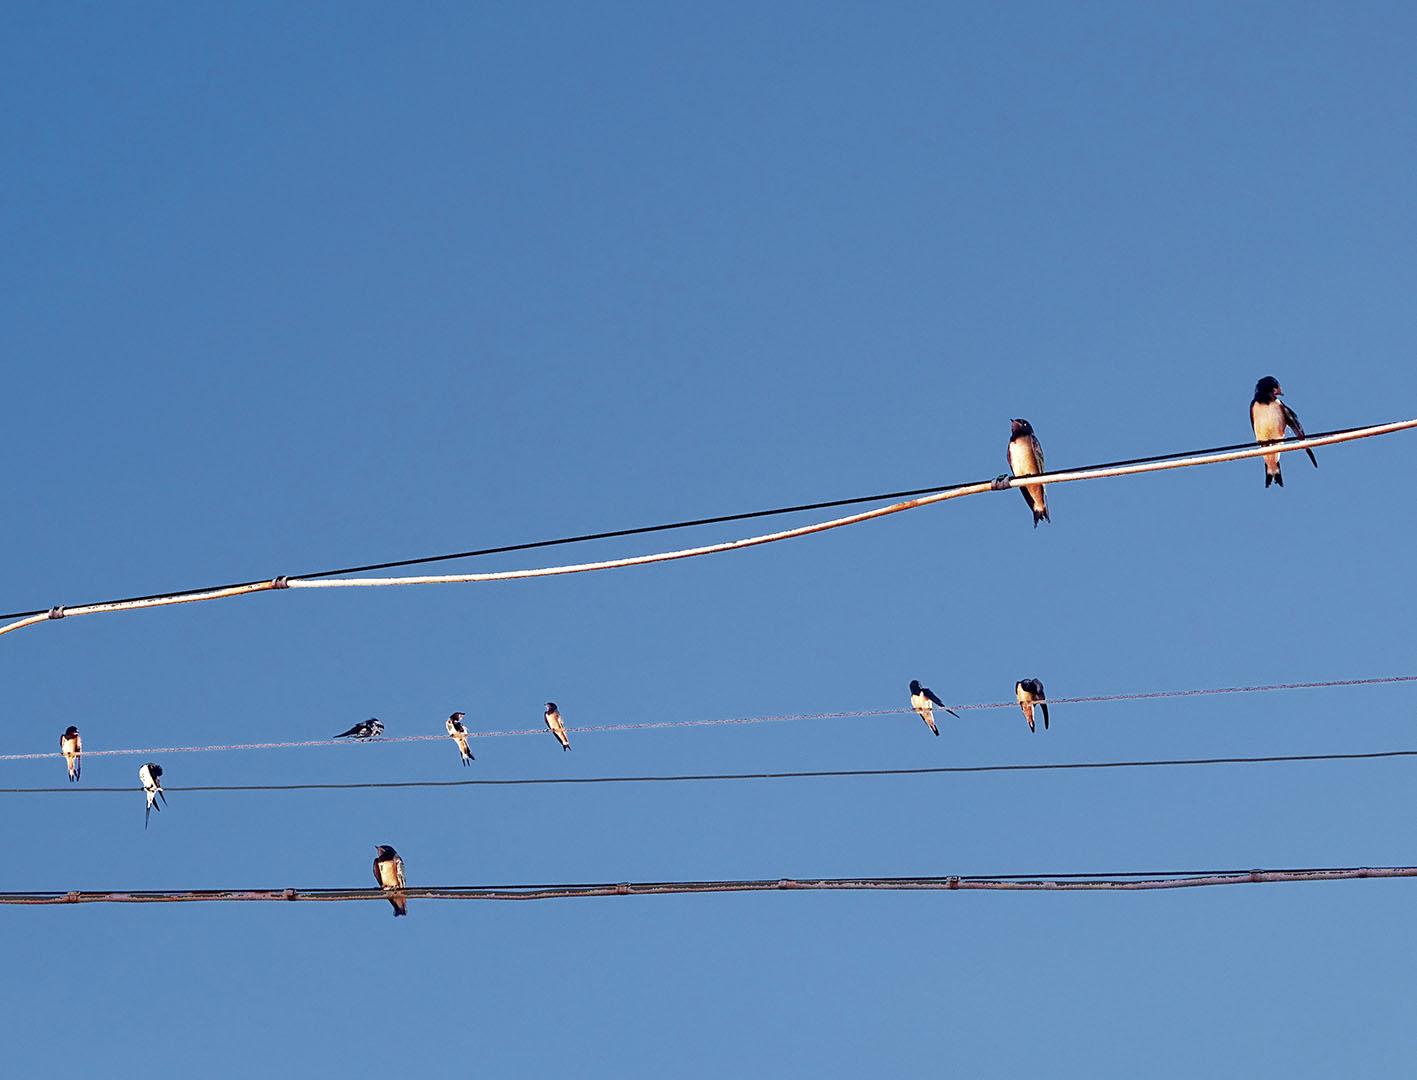 Birds_042_I17.20.91